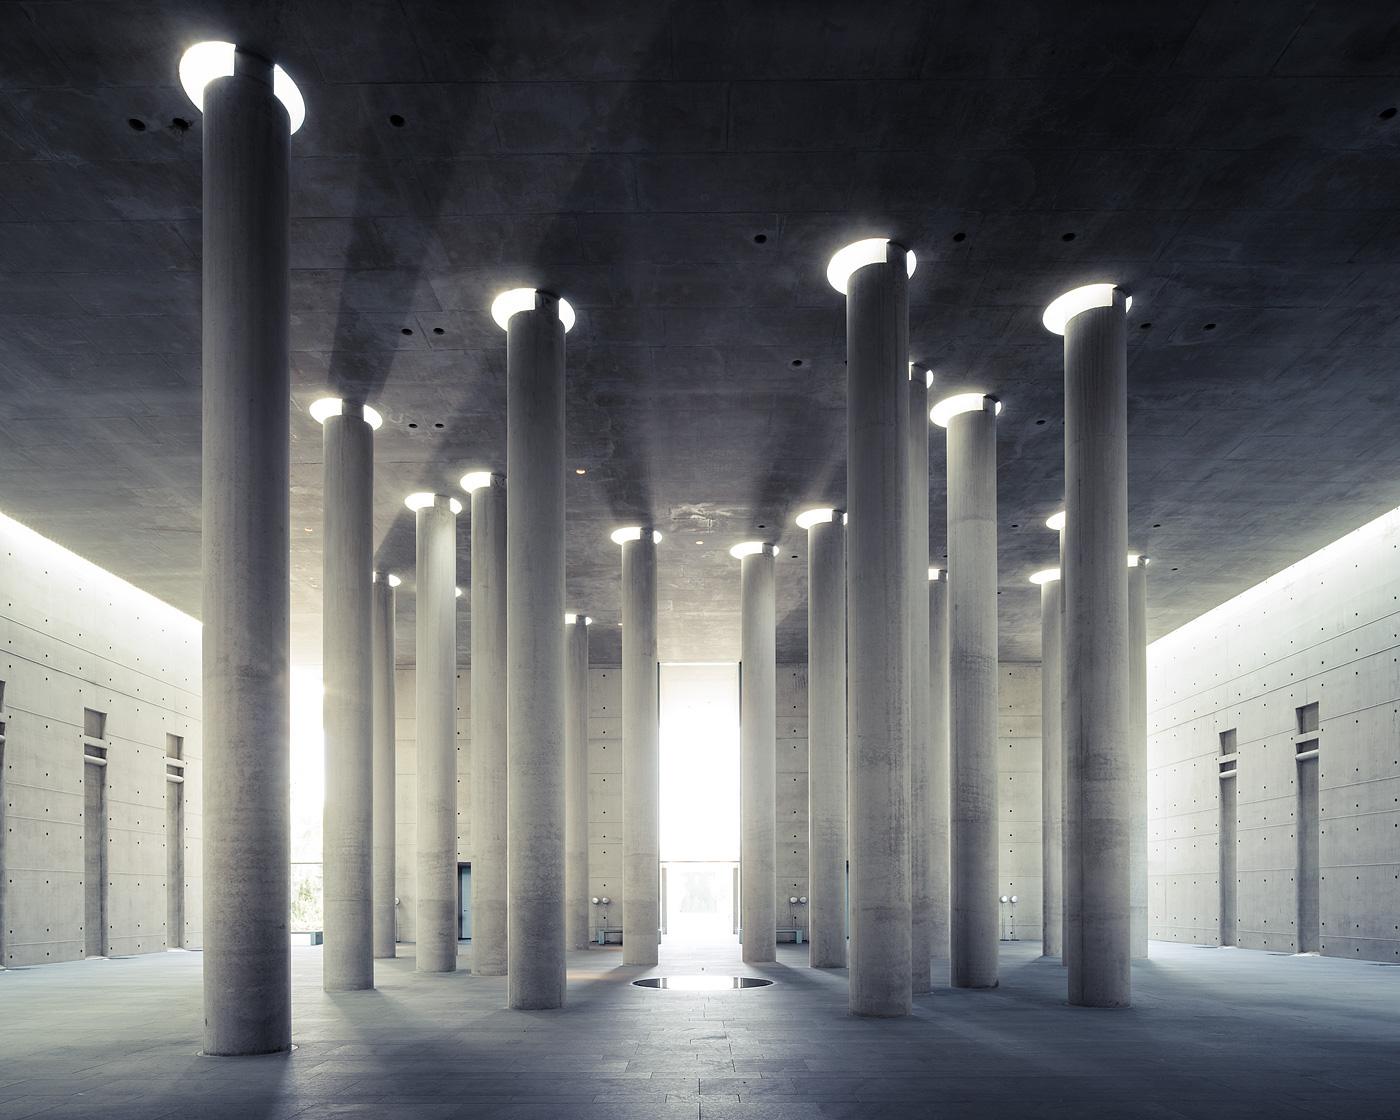 Архитектура Берлина / Berlin Interiors by Thibaud Poirier